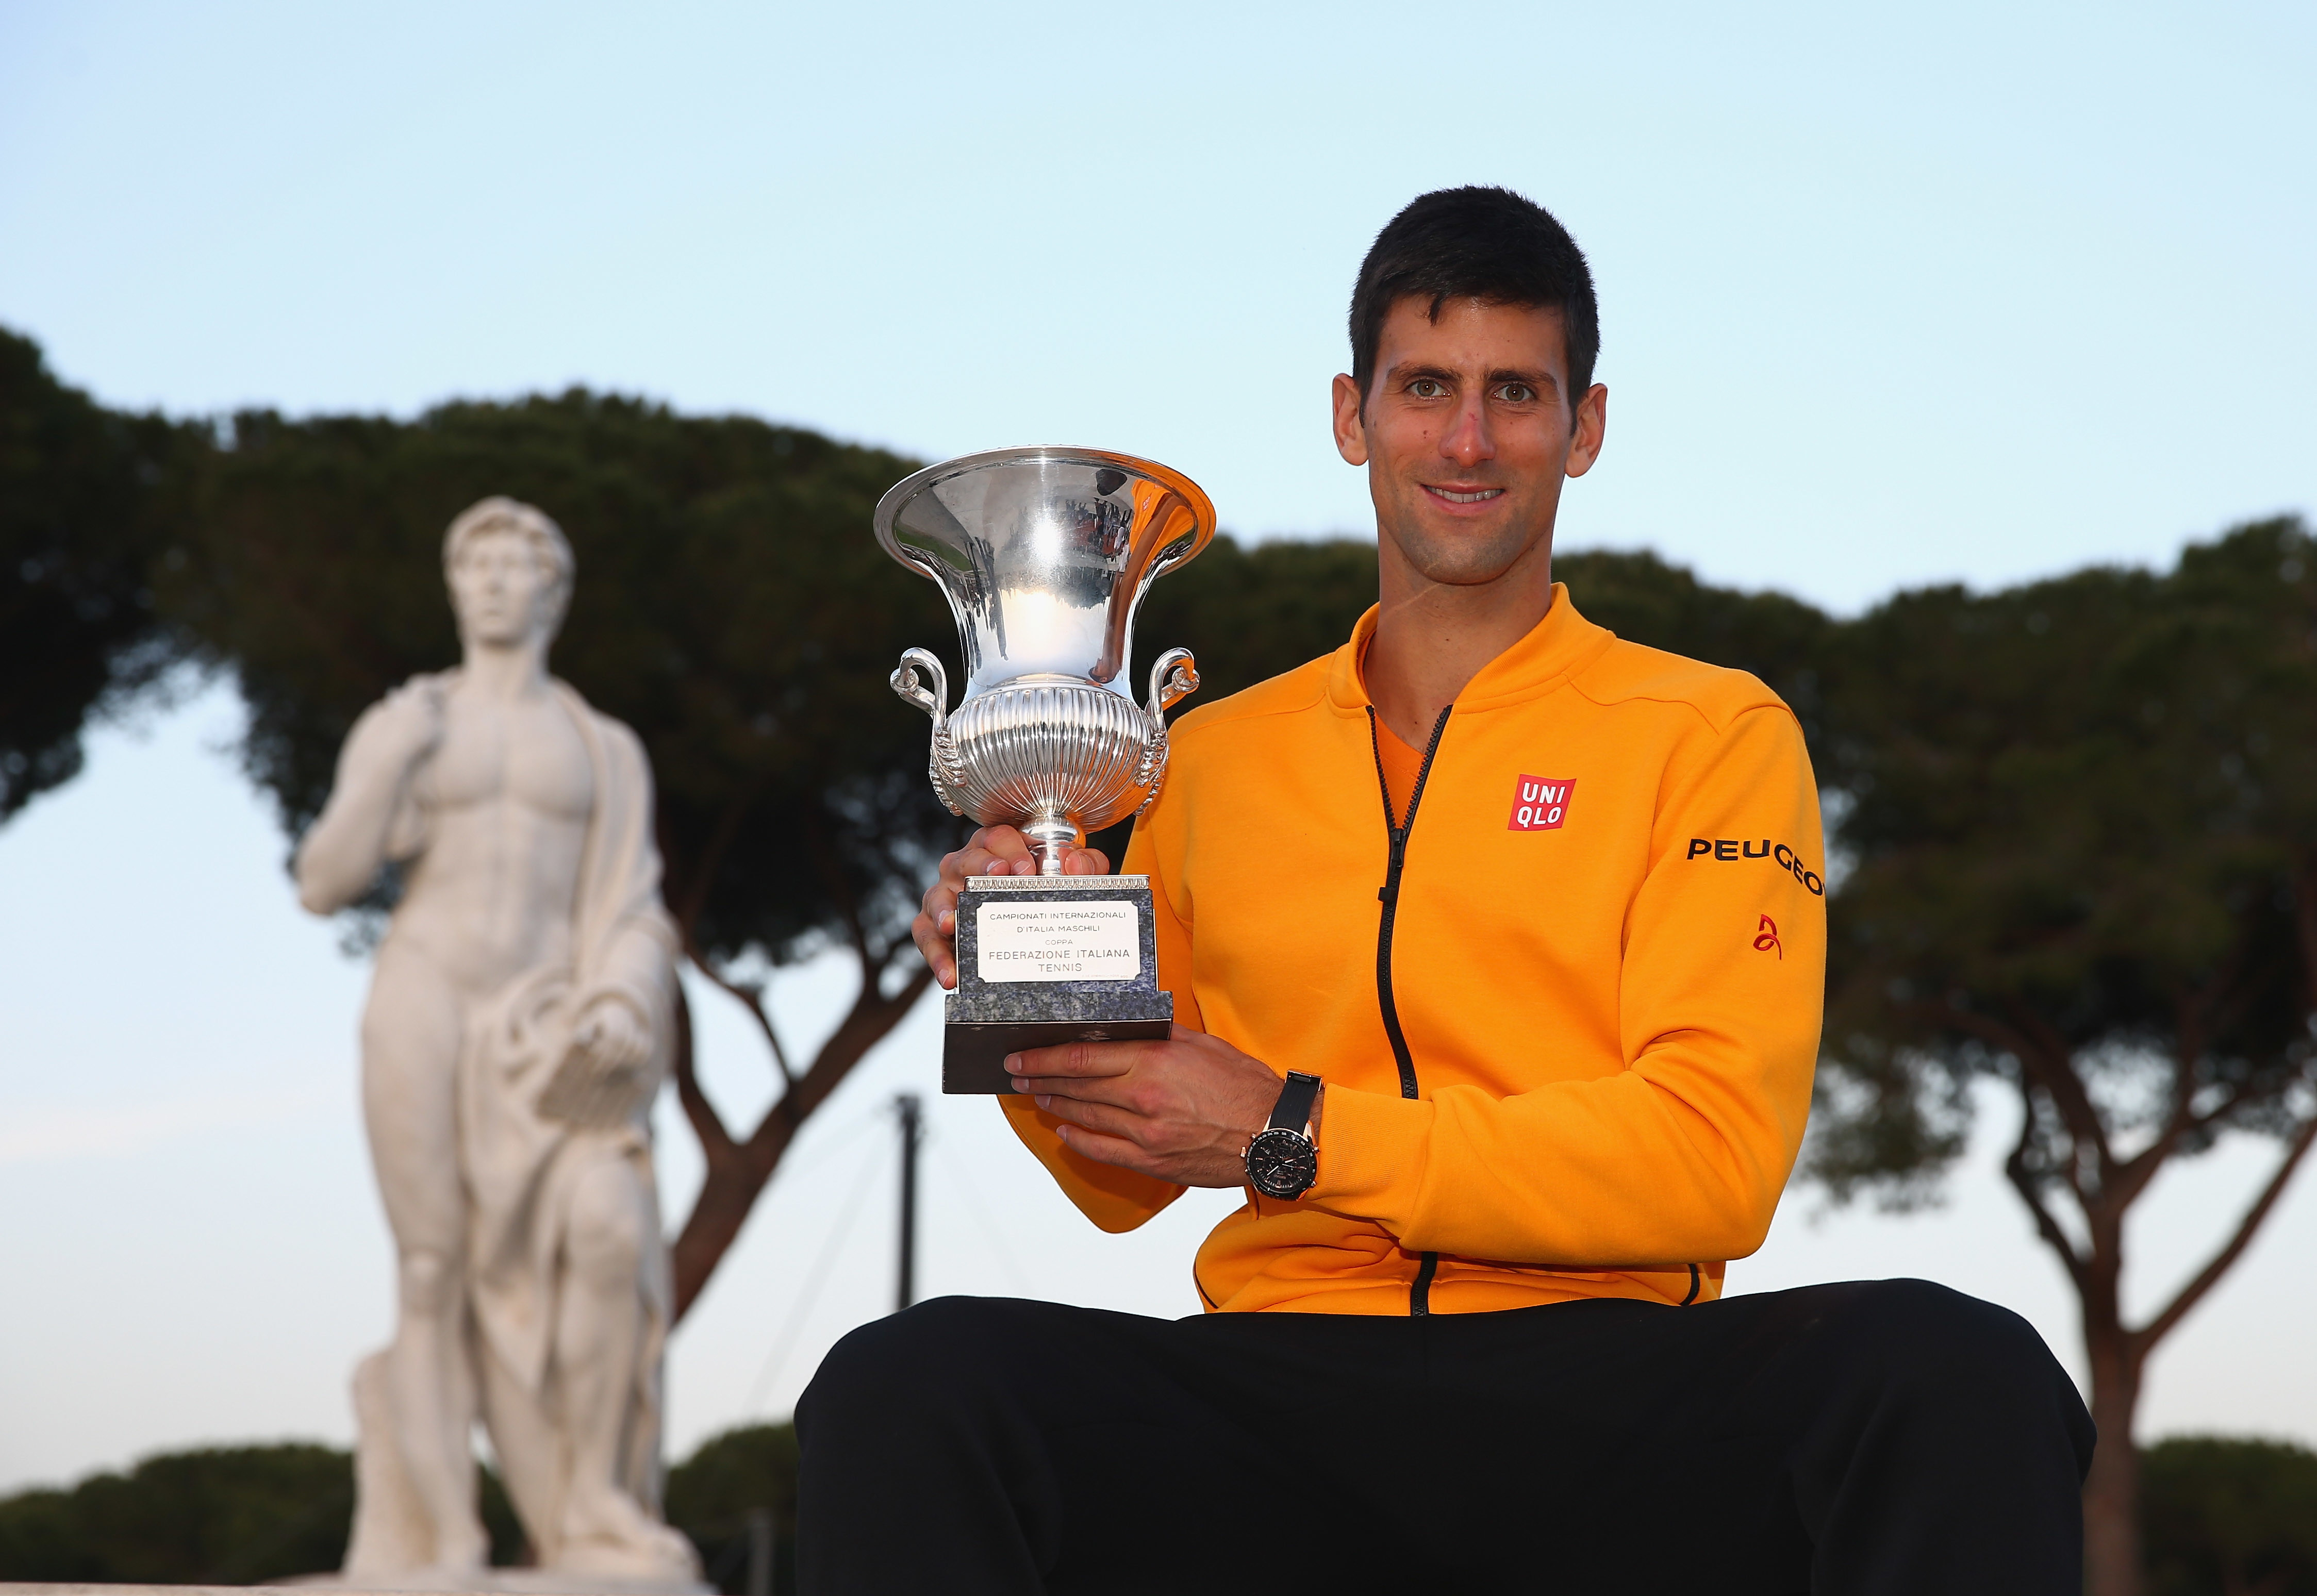 Nel 2014, come tre anni prima, Rafa Nadal si è fermato in finale contro Djokovic, indiscusso numero 1 del mondo a fine stagione.